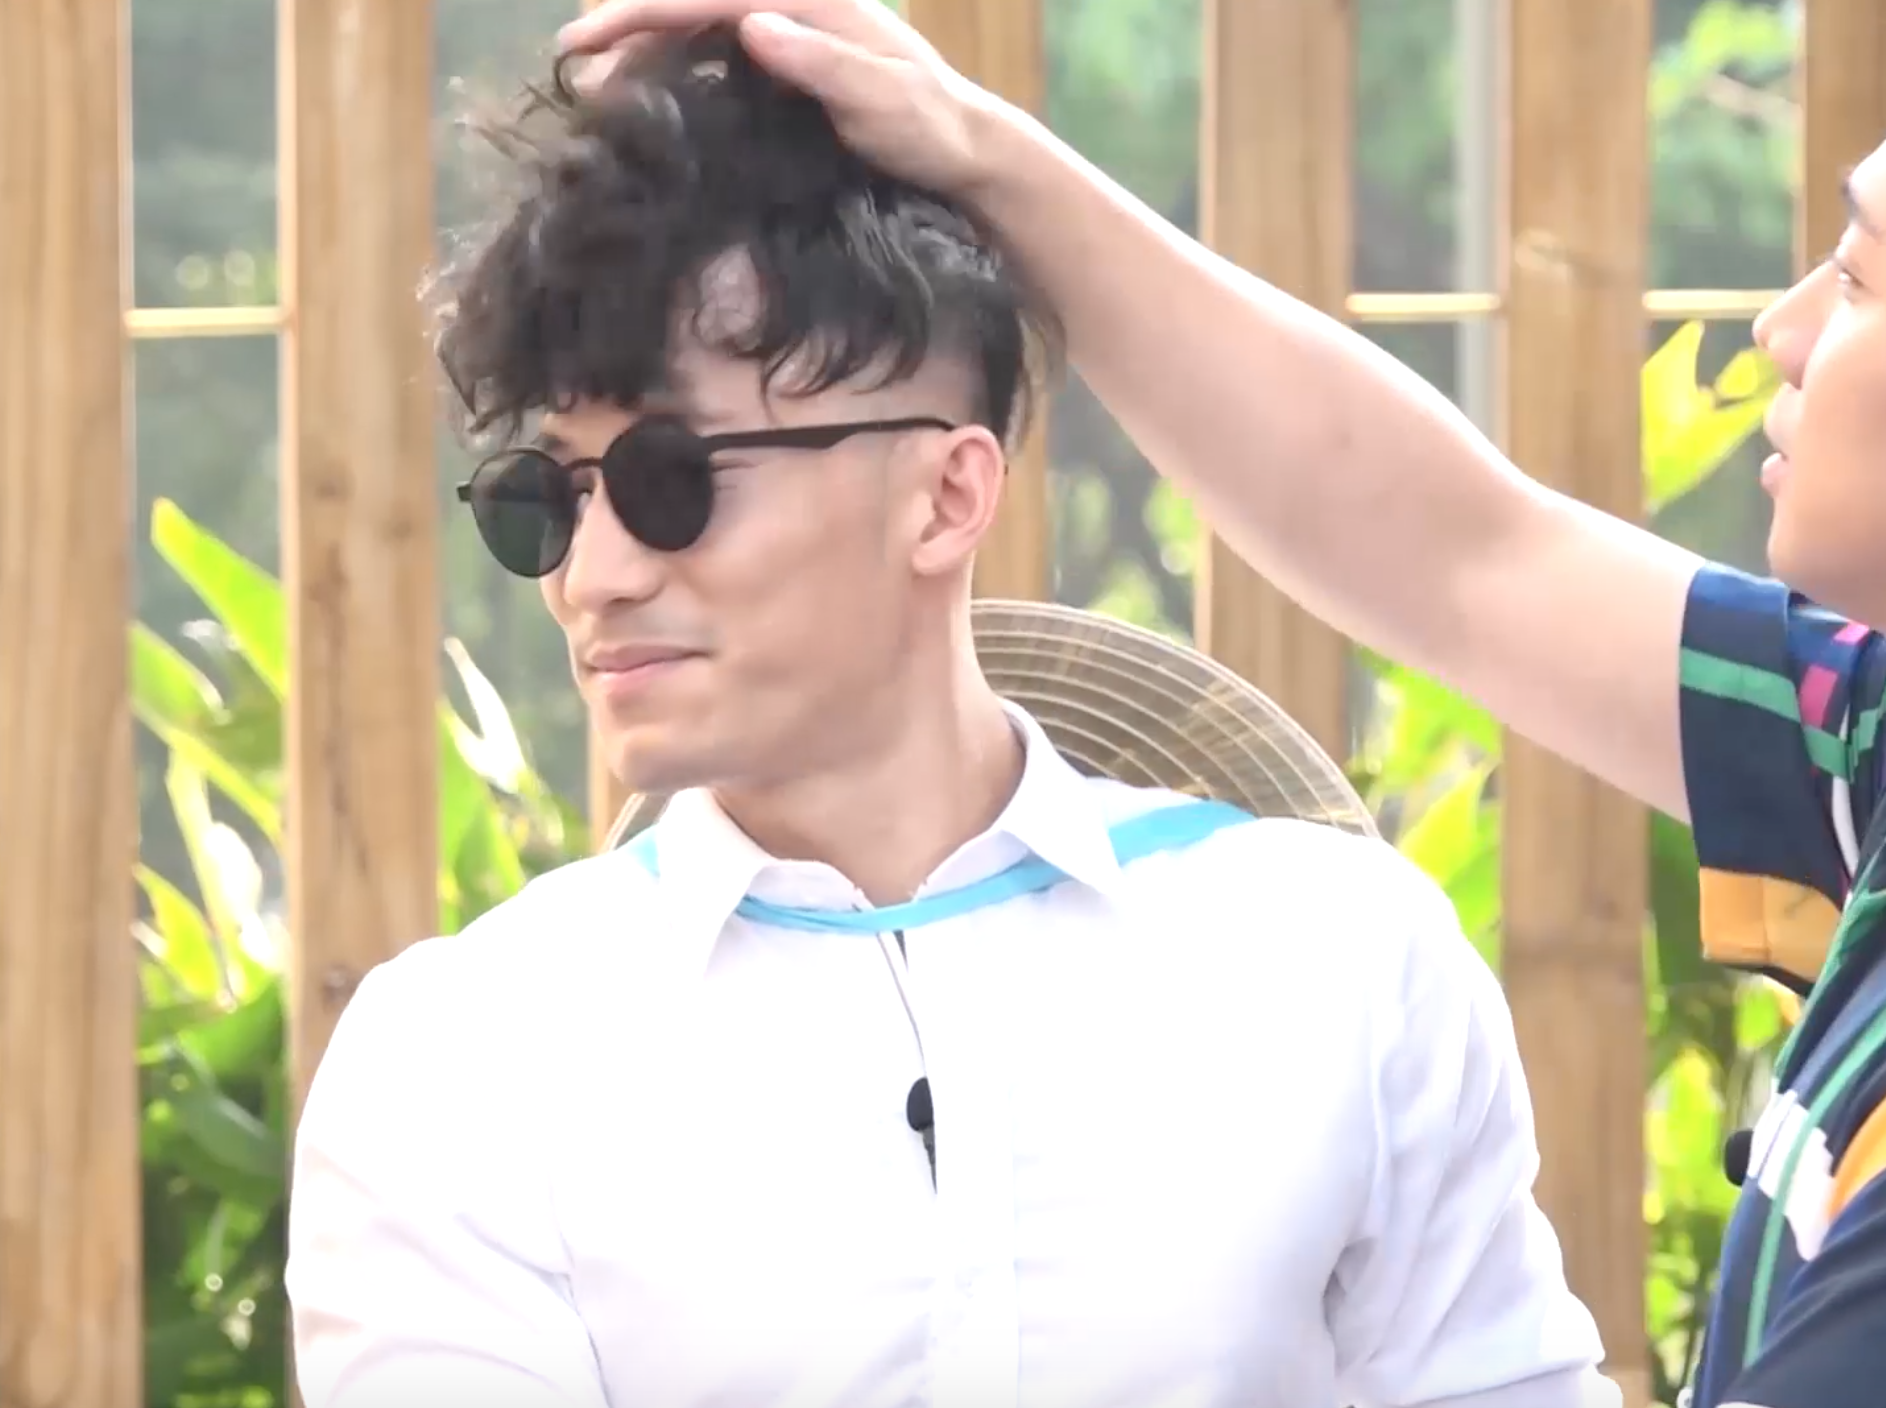 Running Man - Không lên sóng: BB Trần - Ngô Kiến Huy nhảy dựng khi bị gọi là... đồng bóng - Ảnh 2.